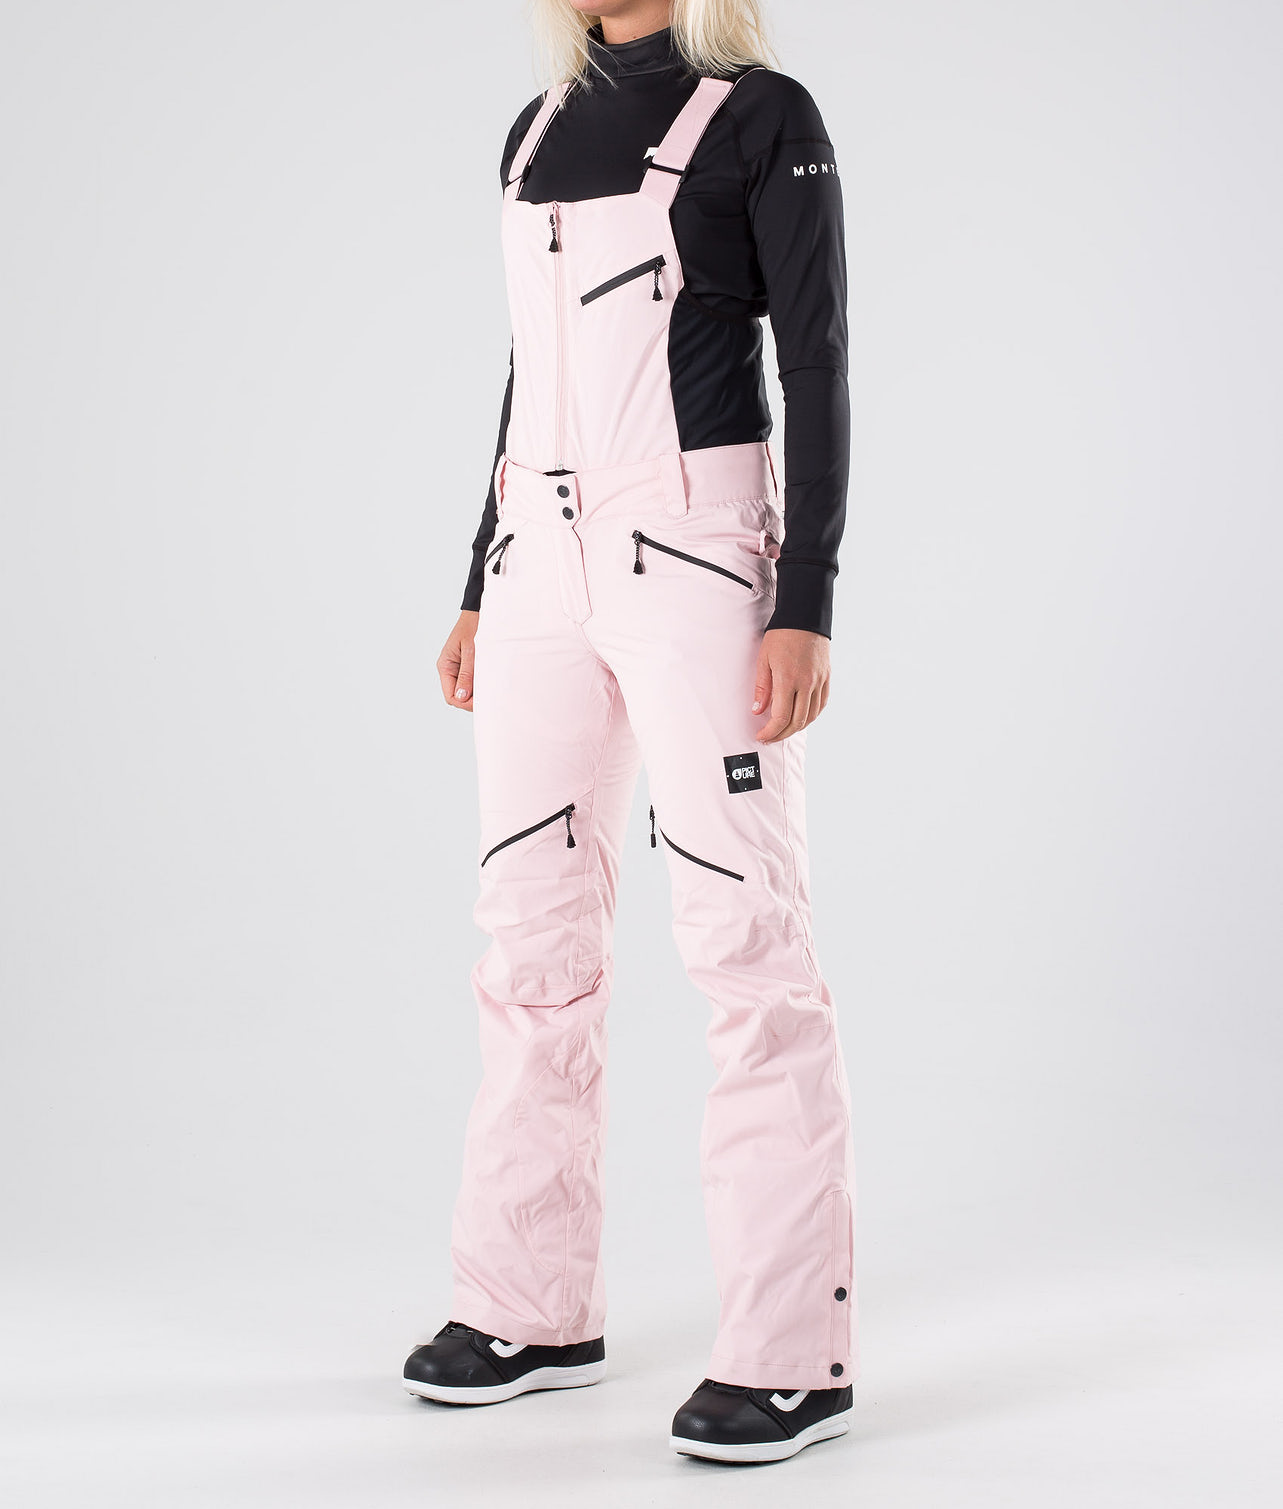 Kjøp Haakon Bib Snowboardbukse fra Picture på Ridestore.no - Hos oss har du alltid fri frakt, fri retur og 30 dagers åpent kjøp!